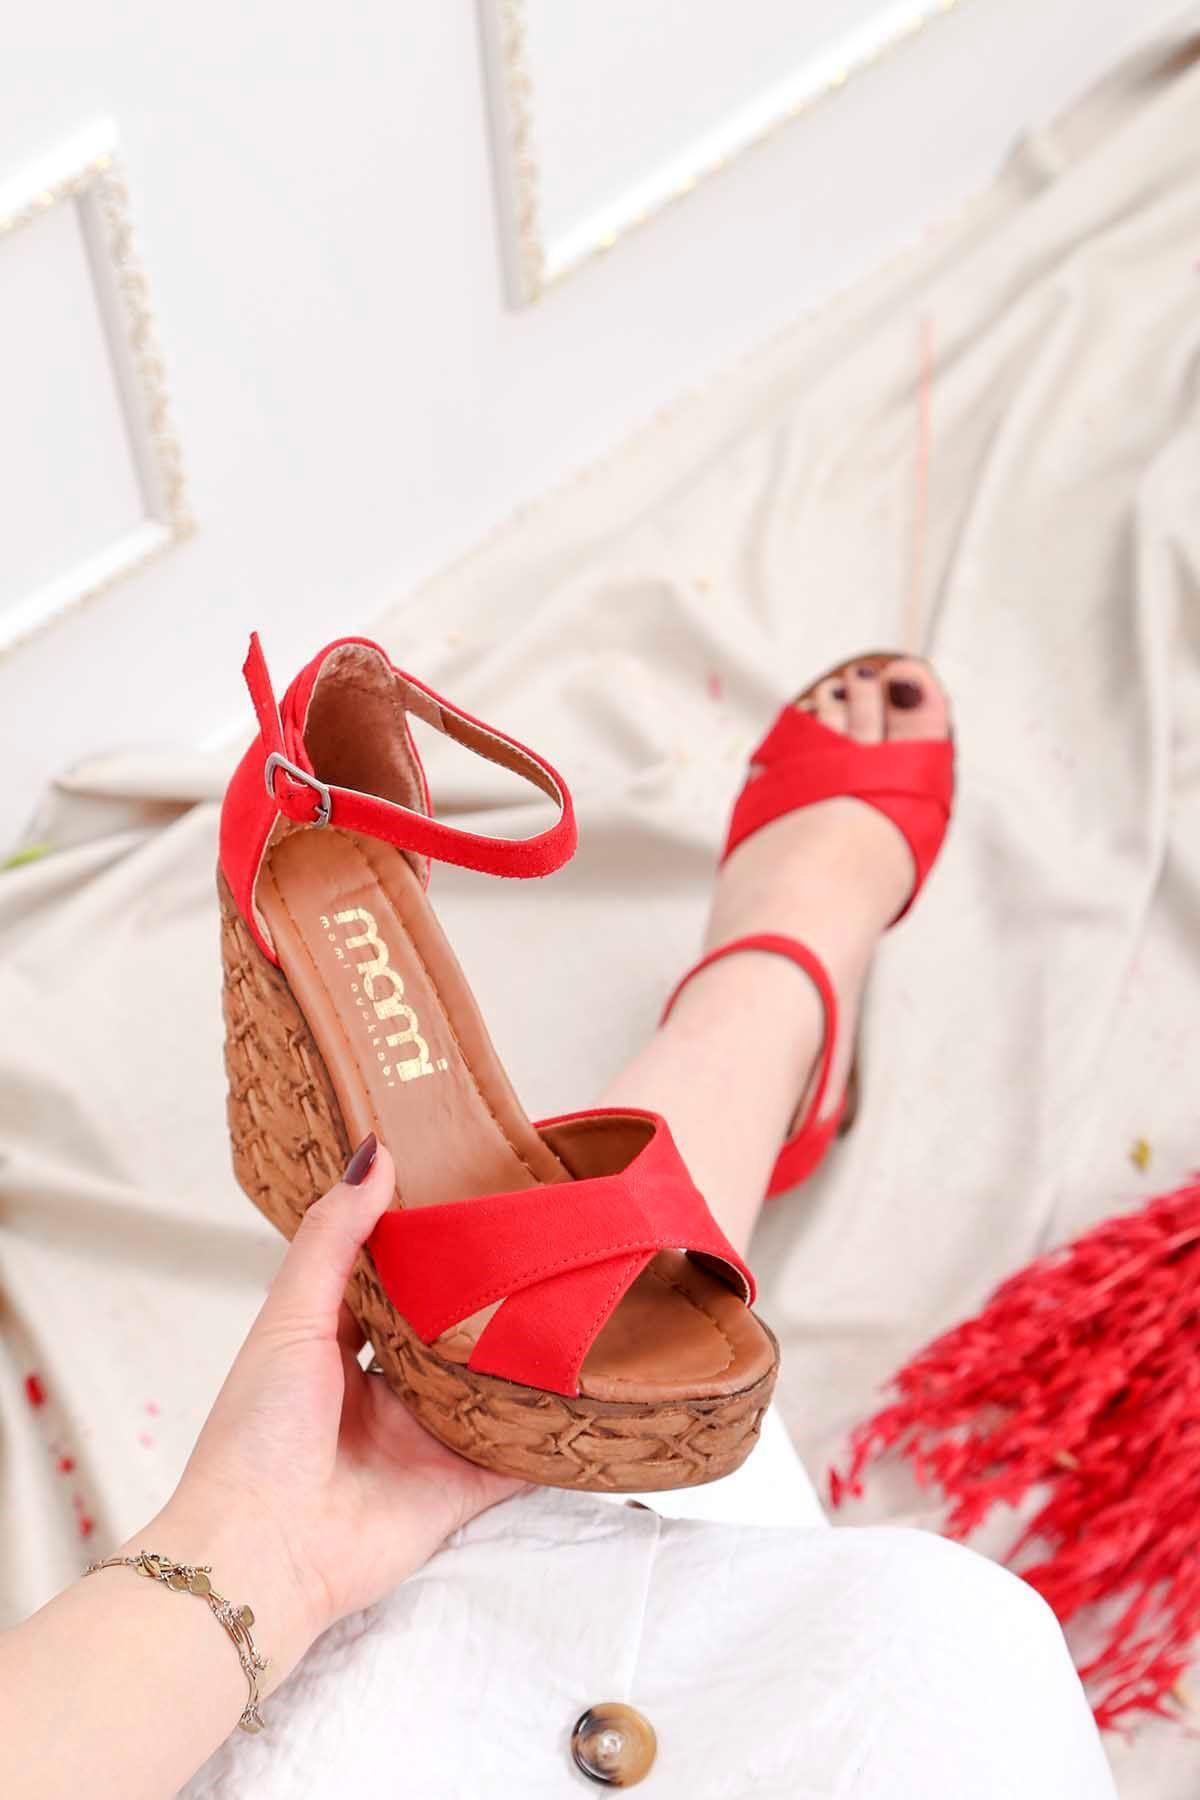 Frm-003 Yüksek Taban Sandalet Kırmızı Süet